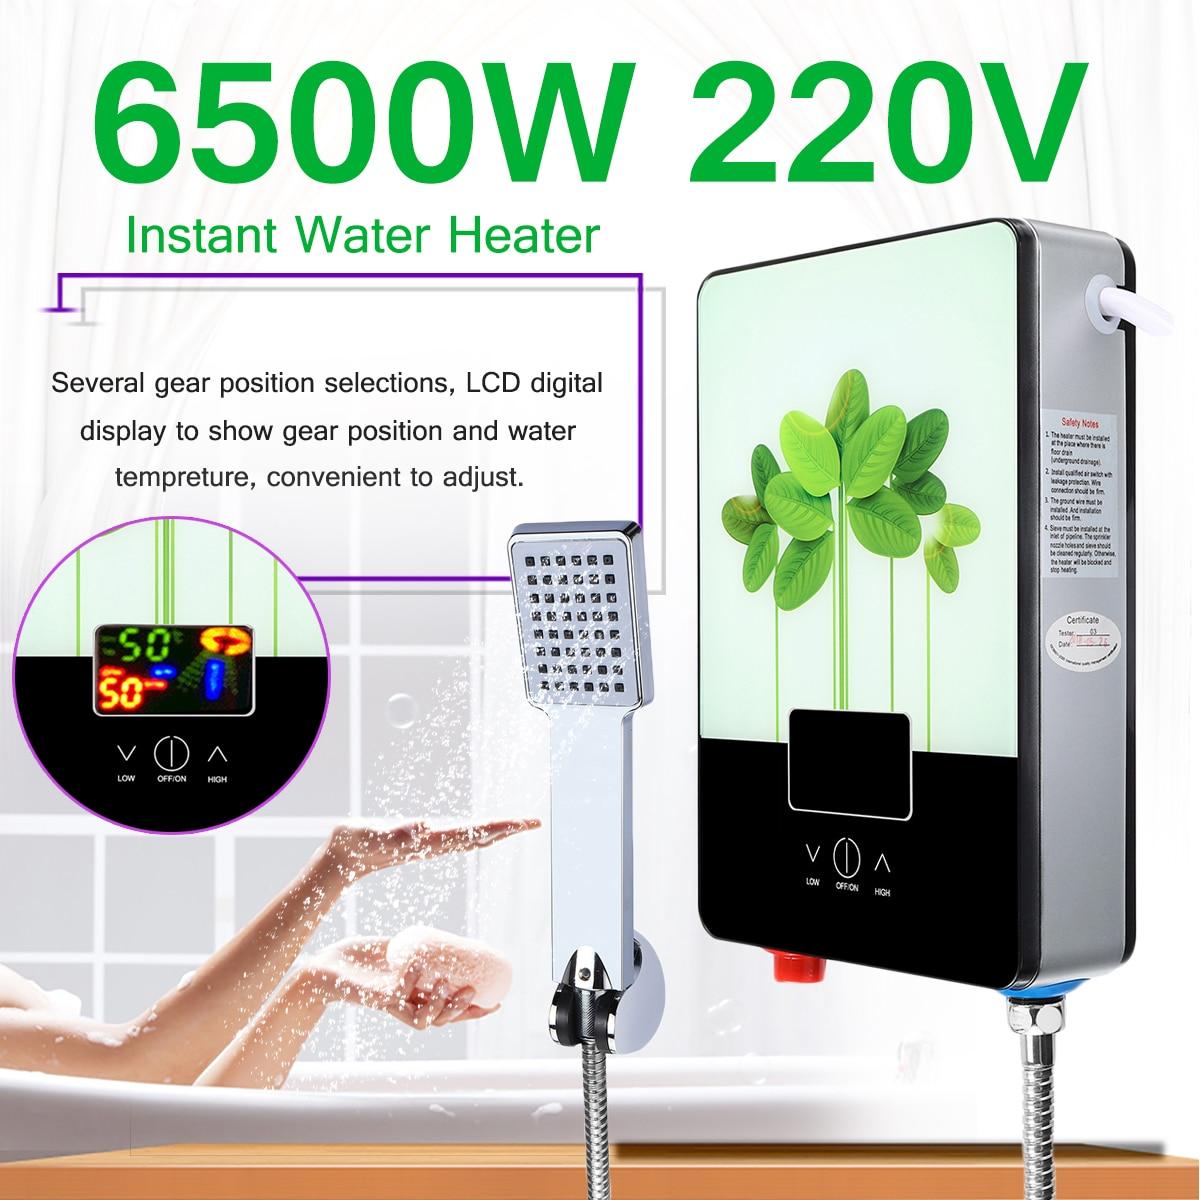 Aquecedor elétrico de Água Quente 6500 W 220 V Conjunto de Chuveiro Do Banheiro Termostato Da Caldeira Tankless Instantâneo Seguro Inteligente Automaticamente